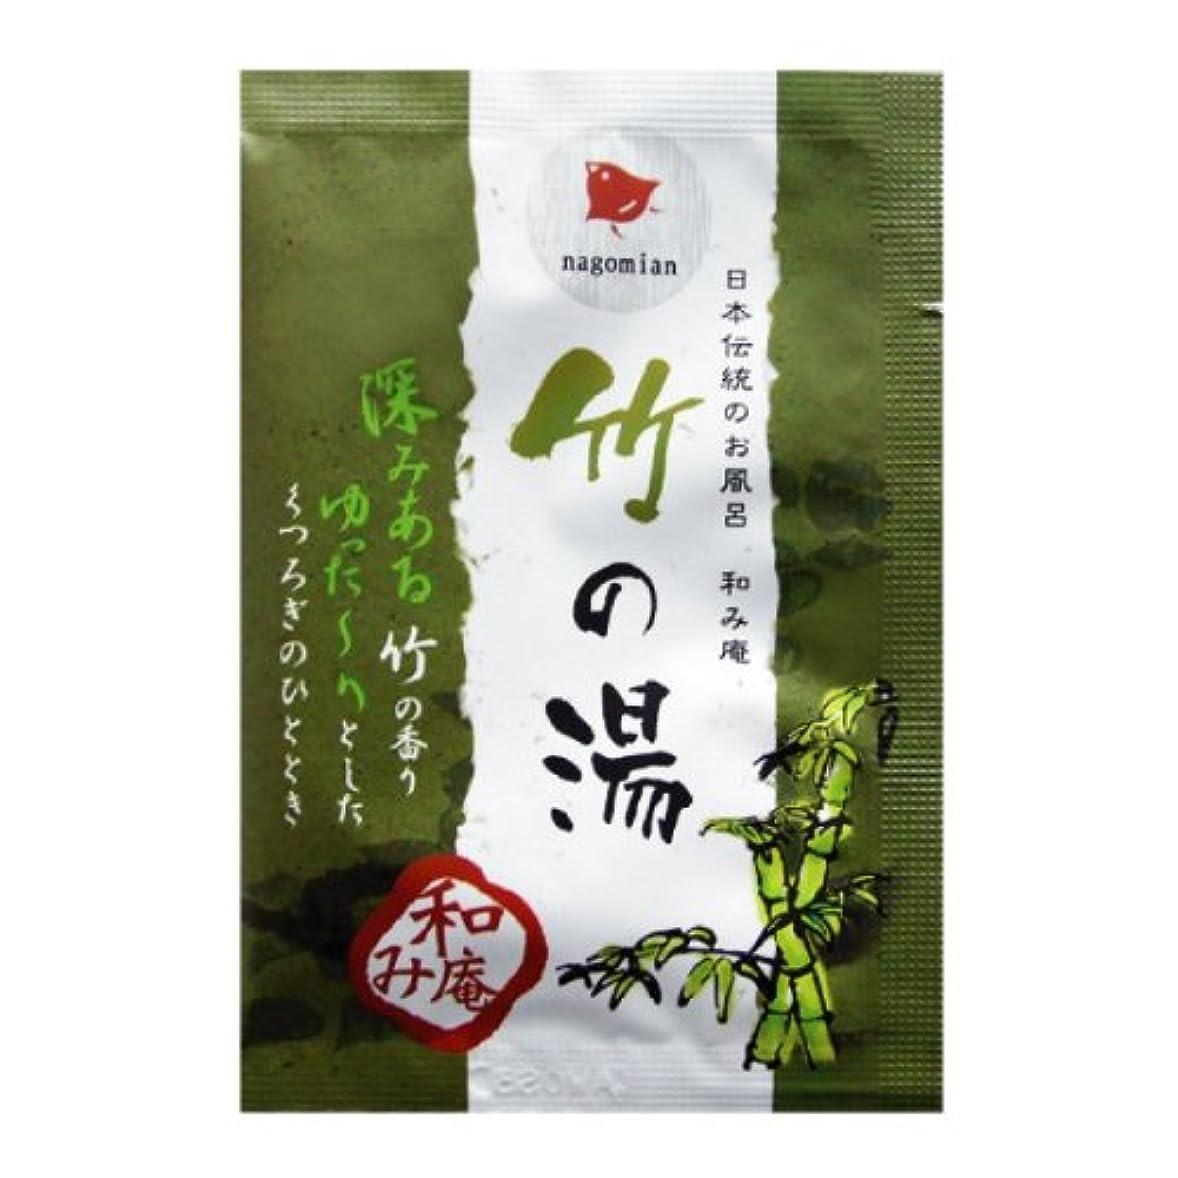 輪郭結婚する権利を与える日本伝統のお風呂 和み庵 竹の湯 200包